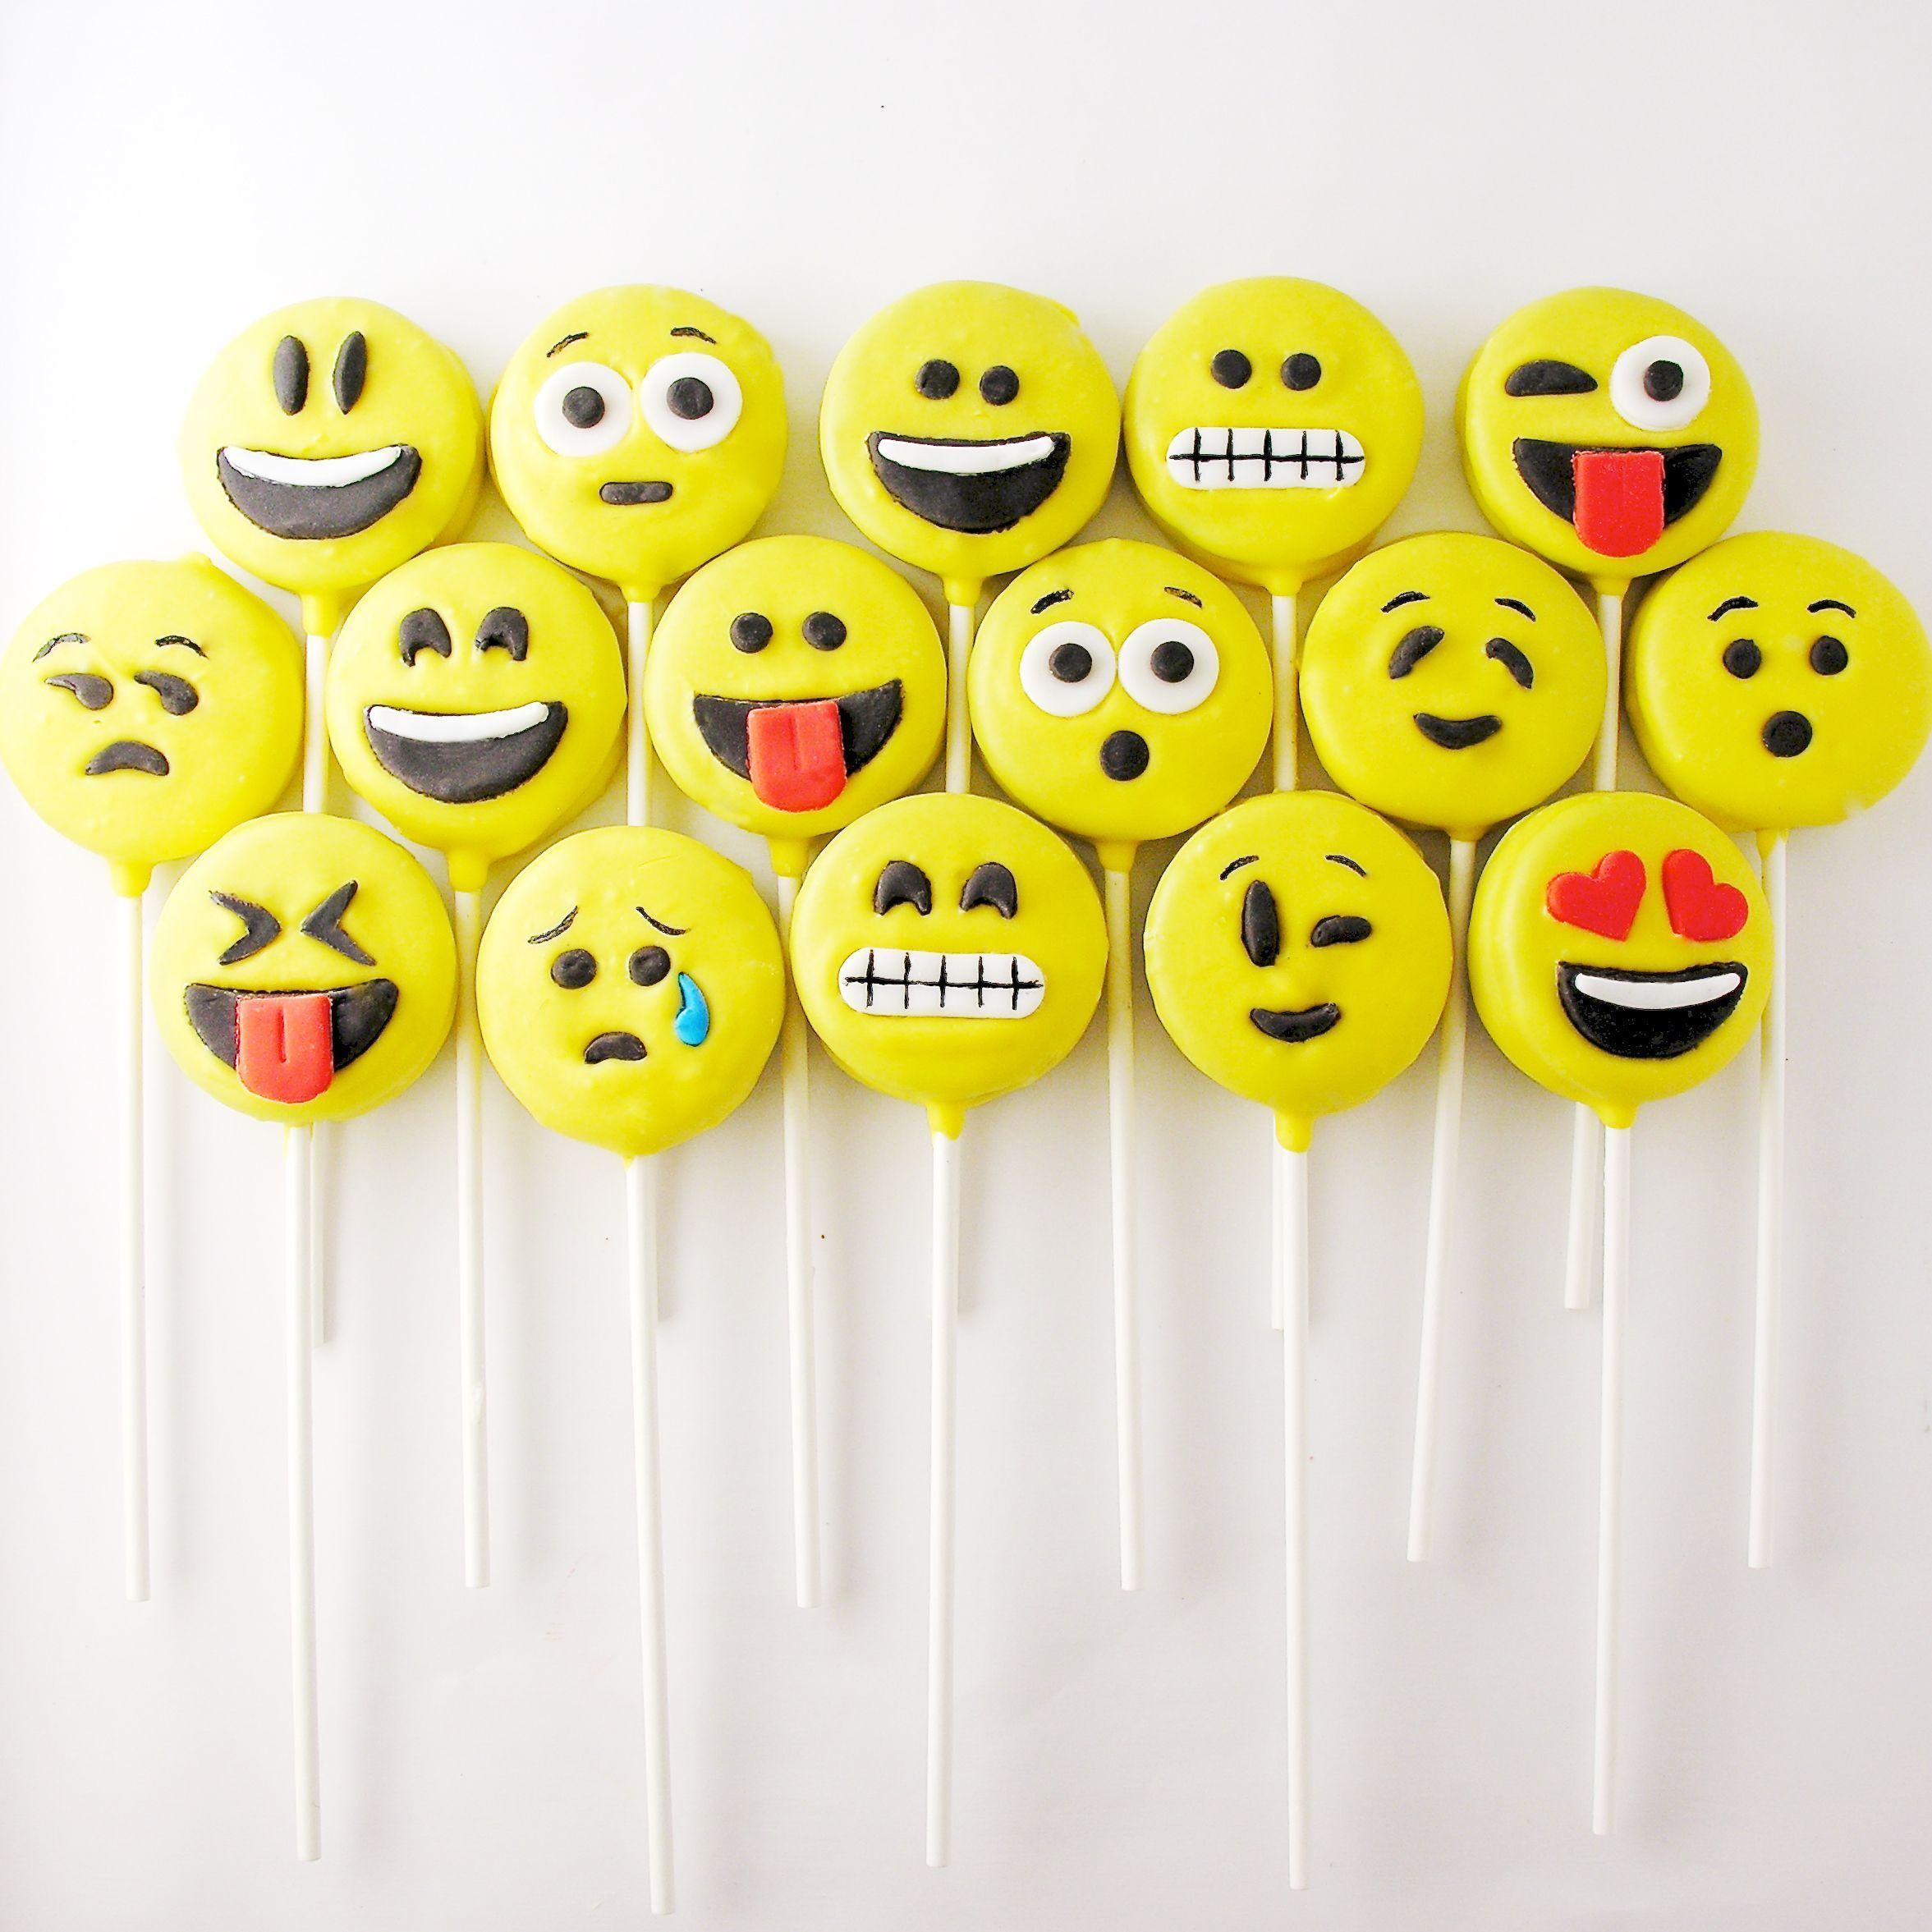 Pin By Juli Maciel On Carteles De Egresados Emoji Cake Pops Oreo Pops Emoji Cake